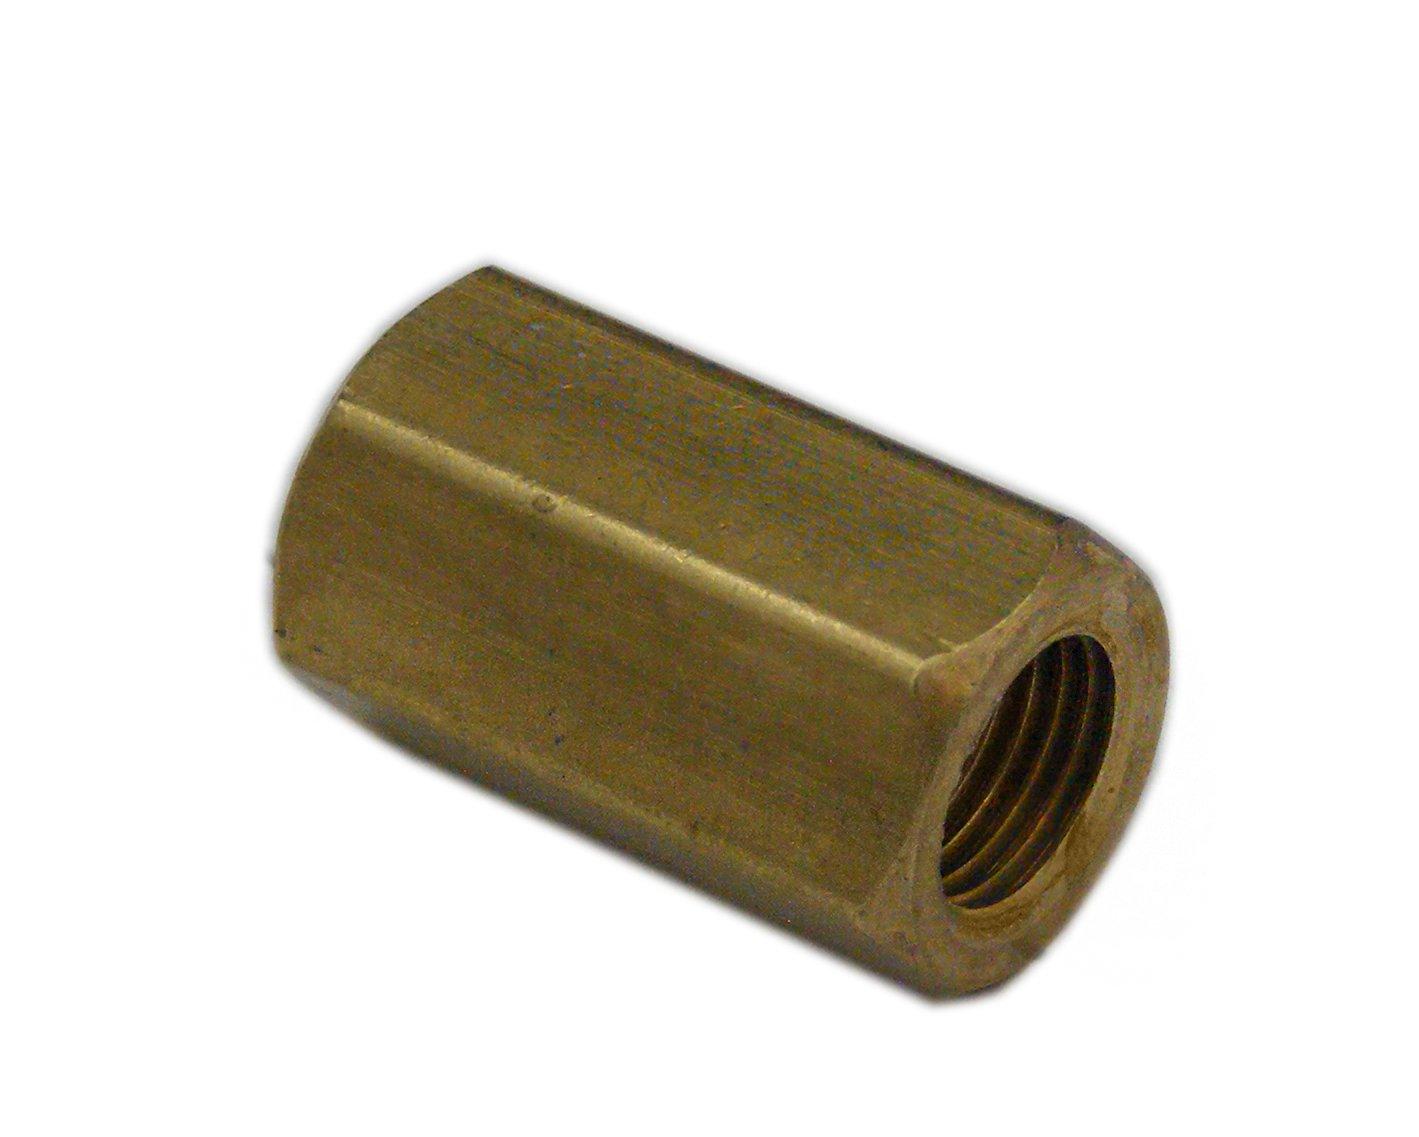 Соединитель провода тормоза внутр m10x1 sf Łps-1